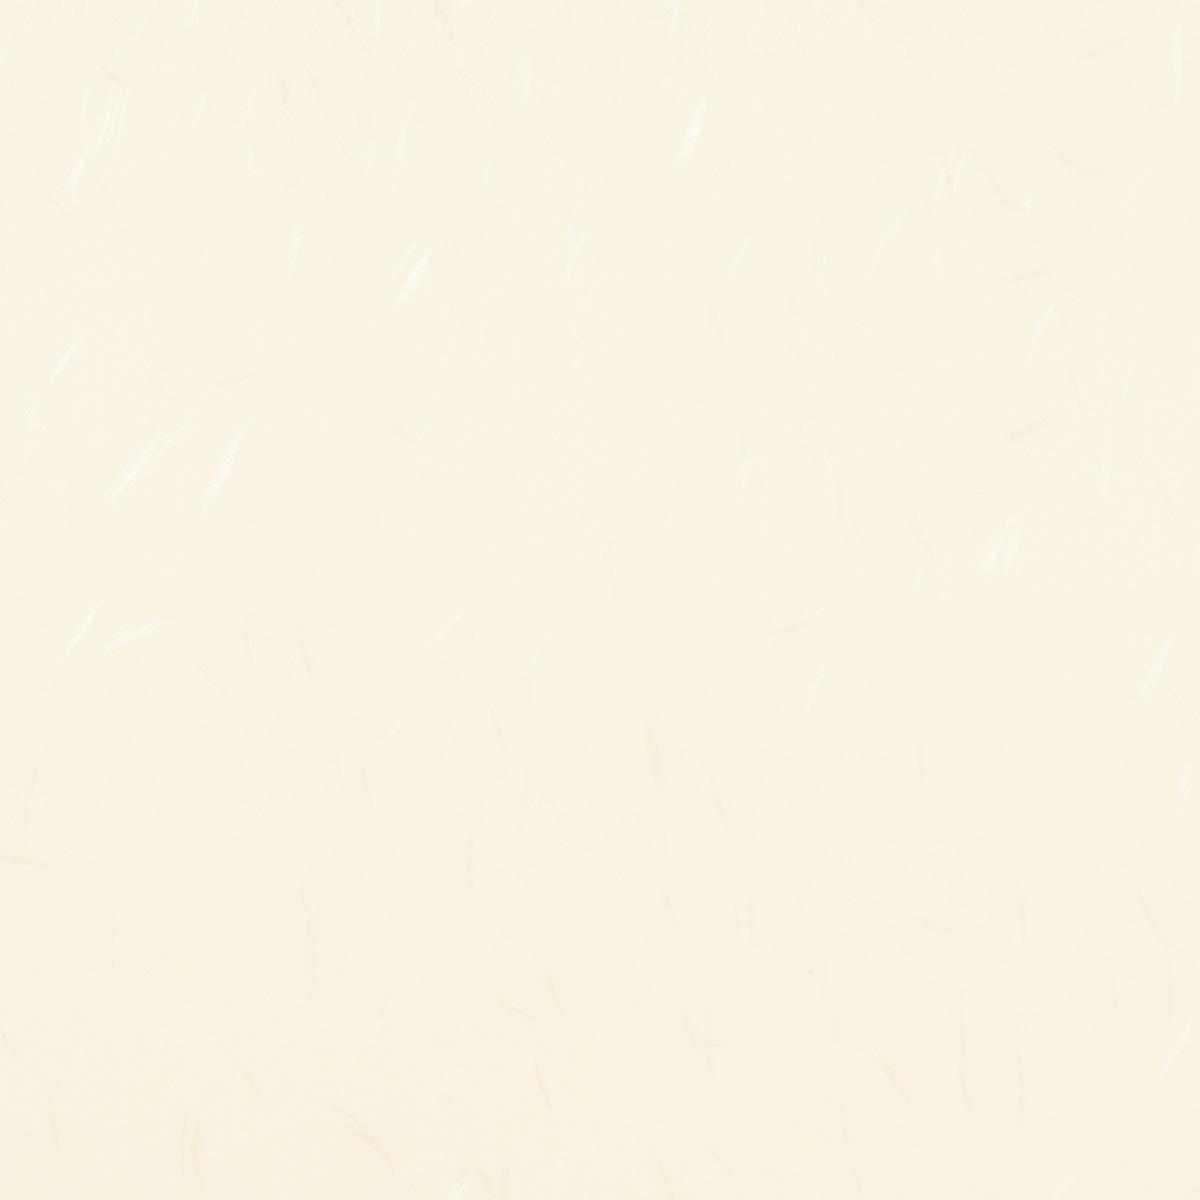 月華ニューカラー B5サイズ(50枚入) No.7 ウスクリーム